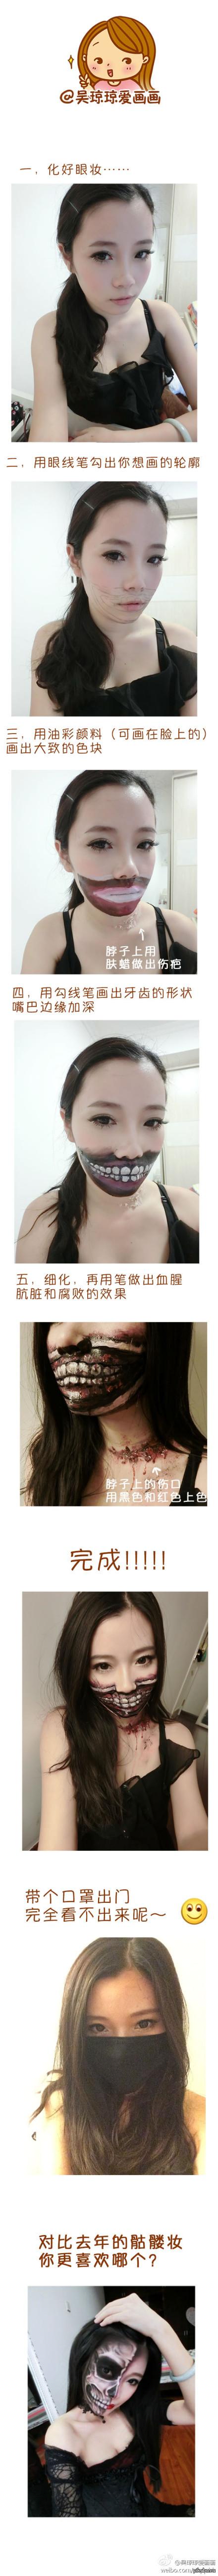 это мой первый пост, стырил из Weibo про то как китаянка готовится к Хэллоуину